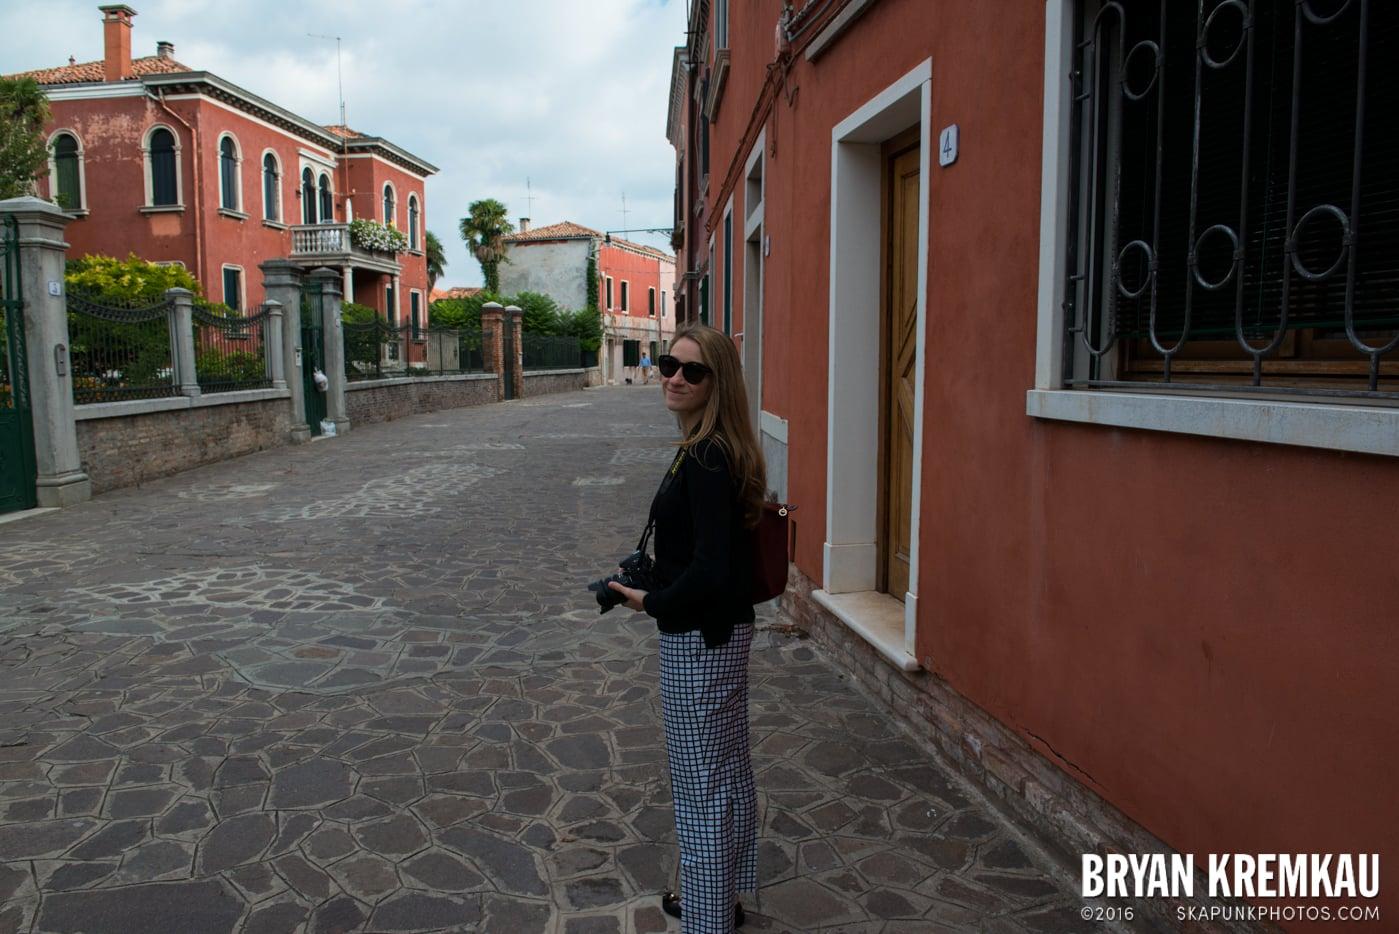 Italy Vacation - Day 6: Murano, Burano, Venice - 9.14.13 (91)